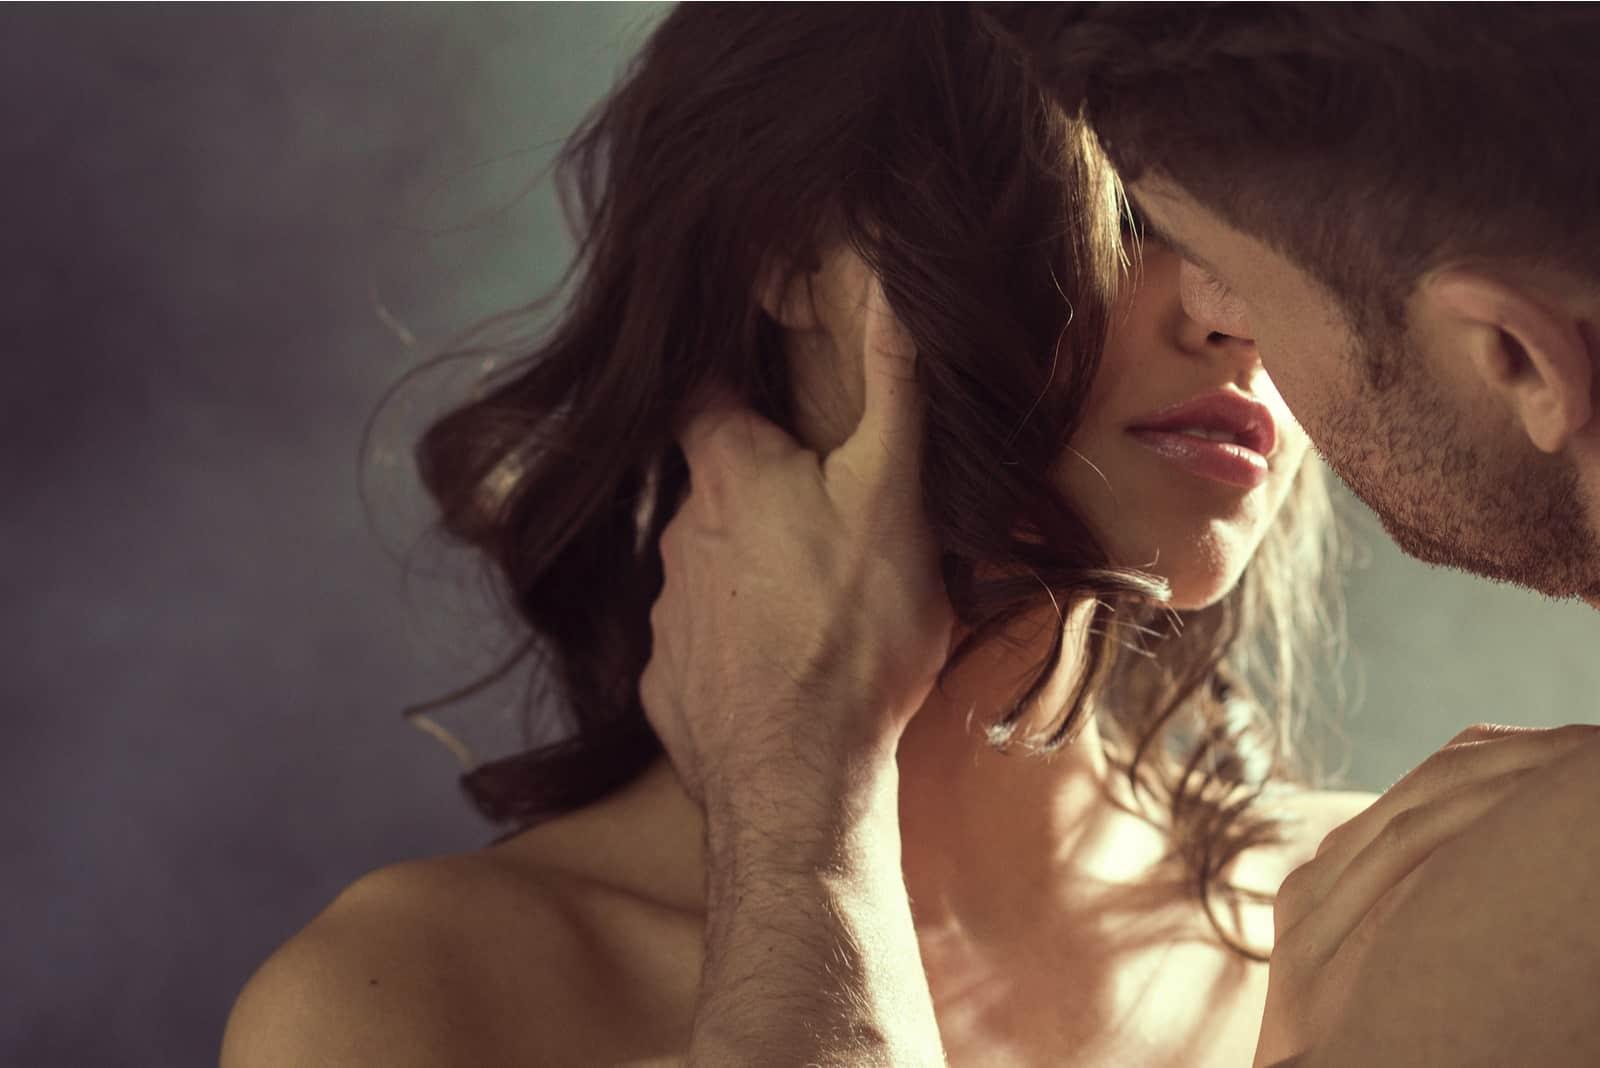 un homme et une femme à moitié nus dans une étreinte